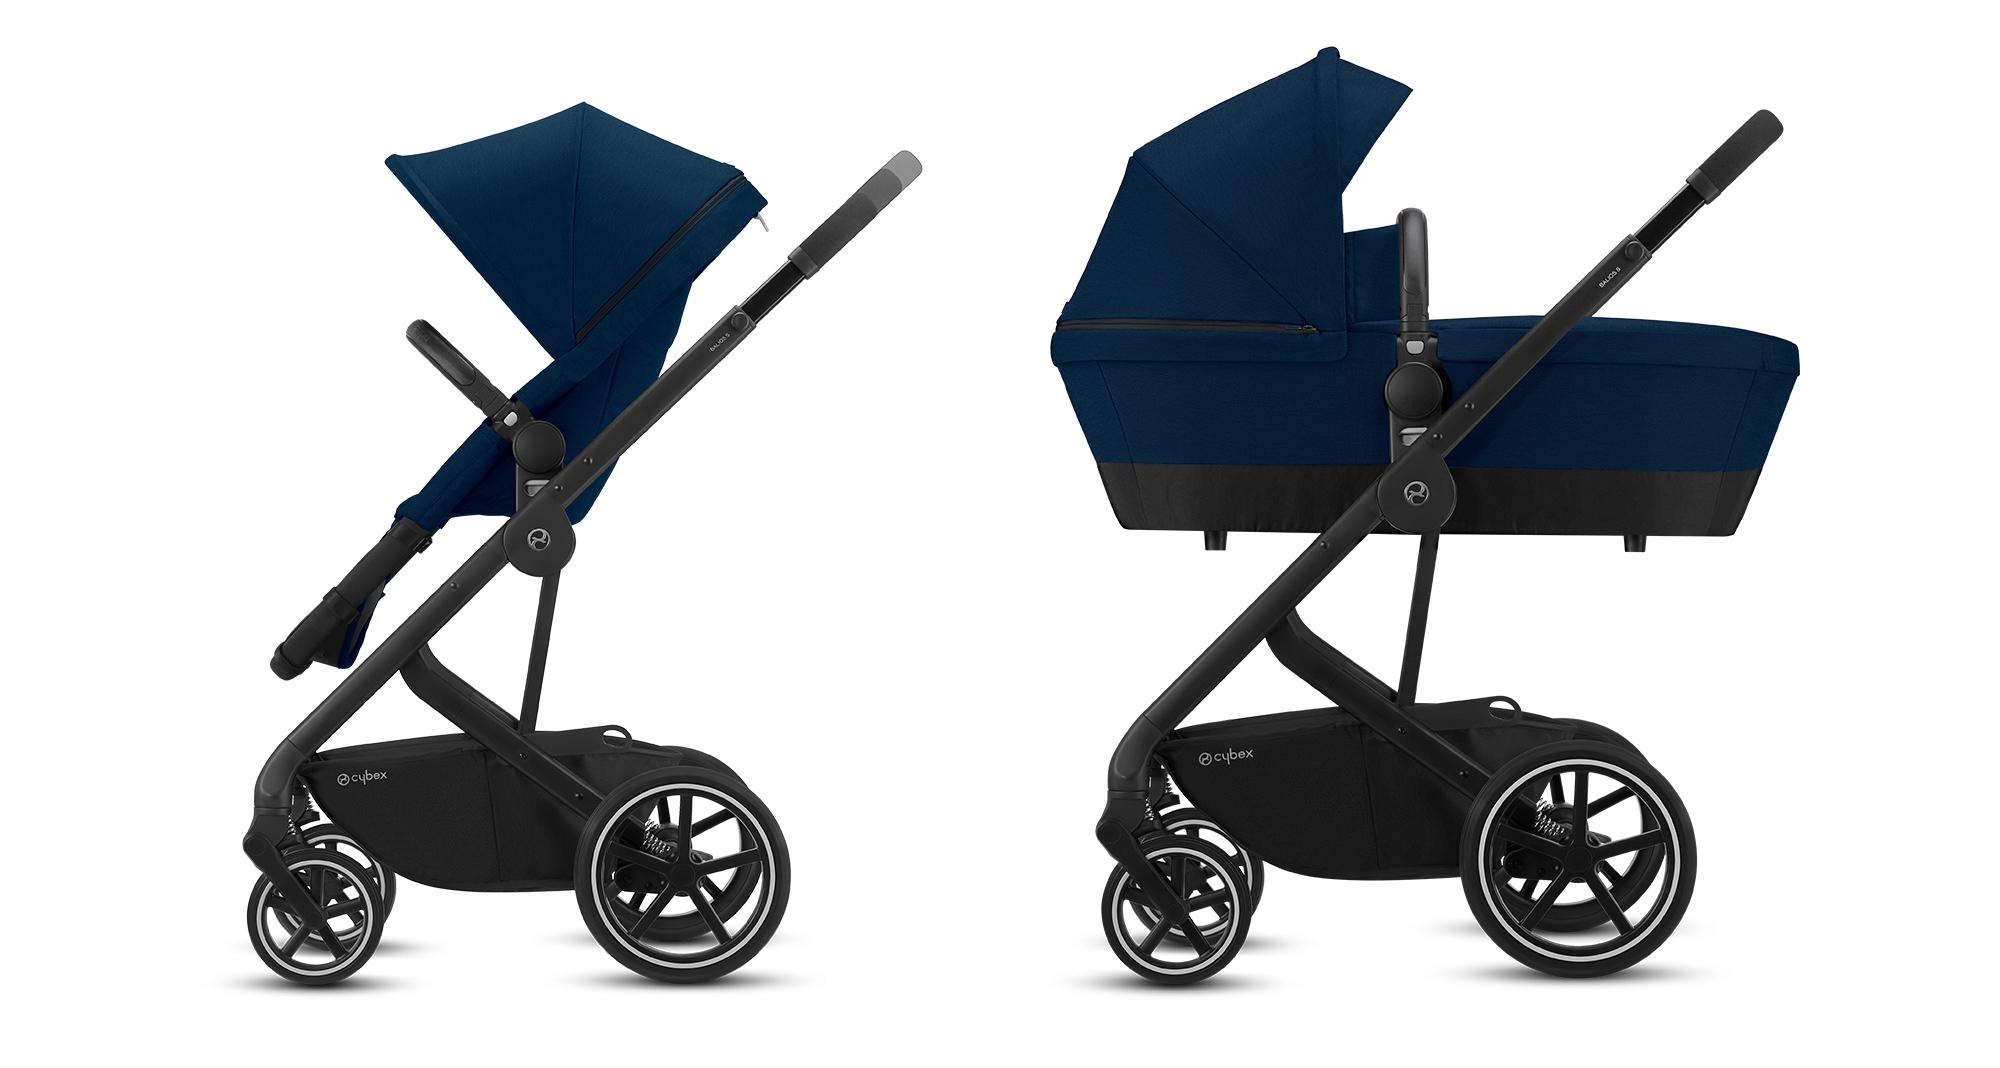 Carro-bebé-Balios-S-2-in-1-de-Cybex  - Carro beb   Balios S 2 in 1 de Cybex - Tiendas Bebelín – Inicio